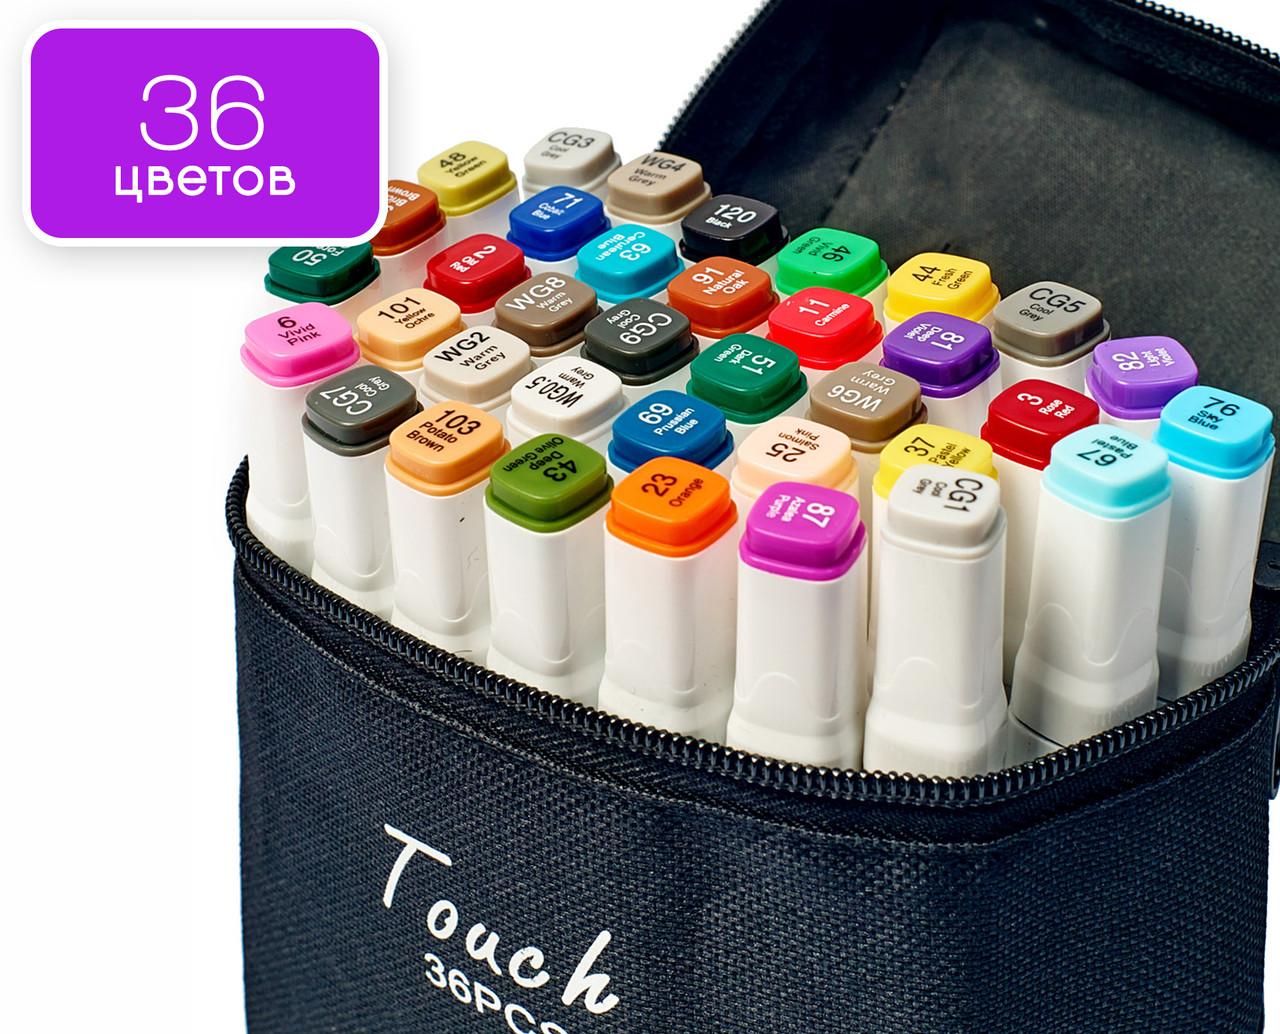 Двусторонние маркеры для рисования Touch Sketch 36 шт для эскизов и скетчей, Фломастеры для рисования